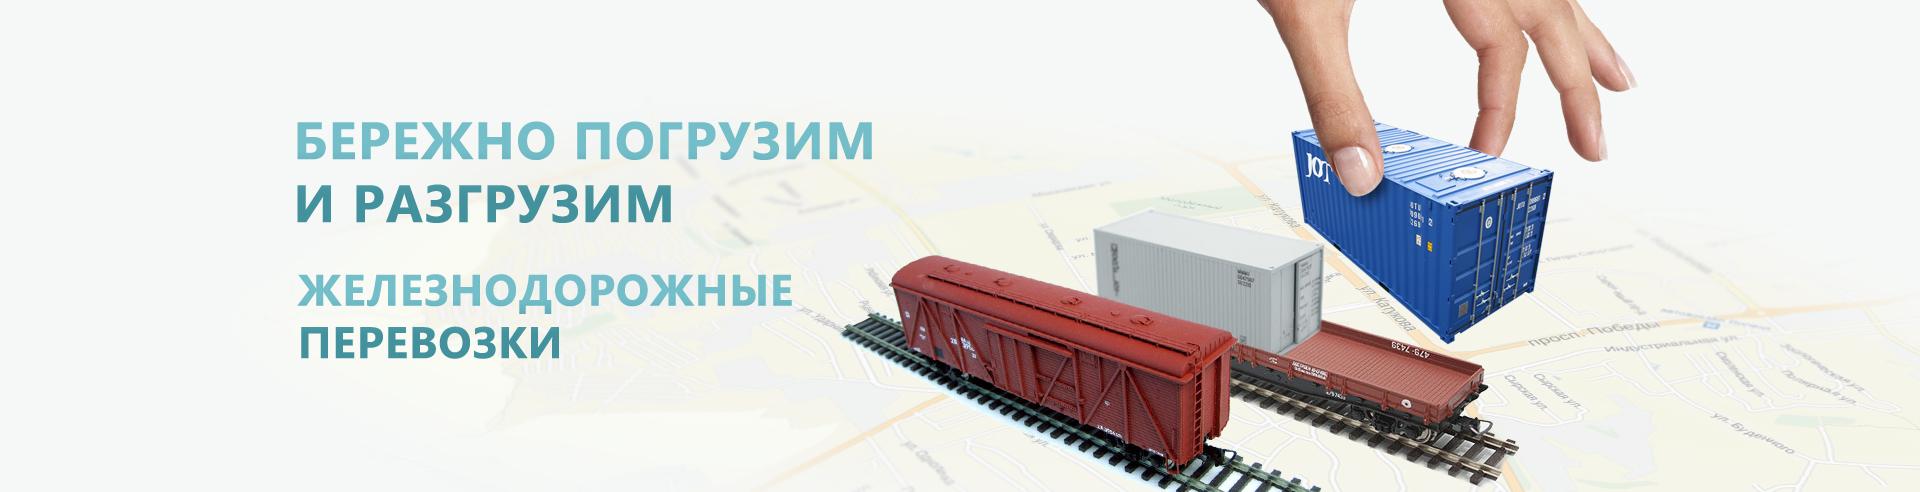 схема погрузки труб с автотранспорта на железнодорожный